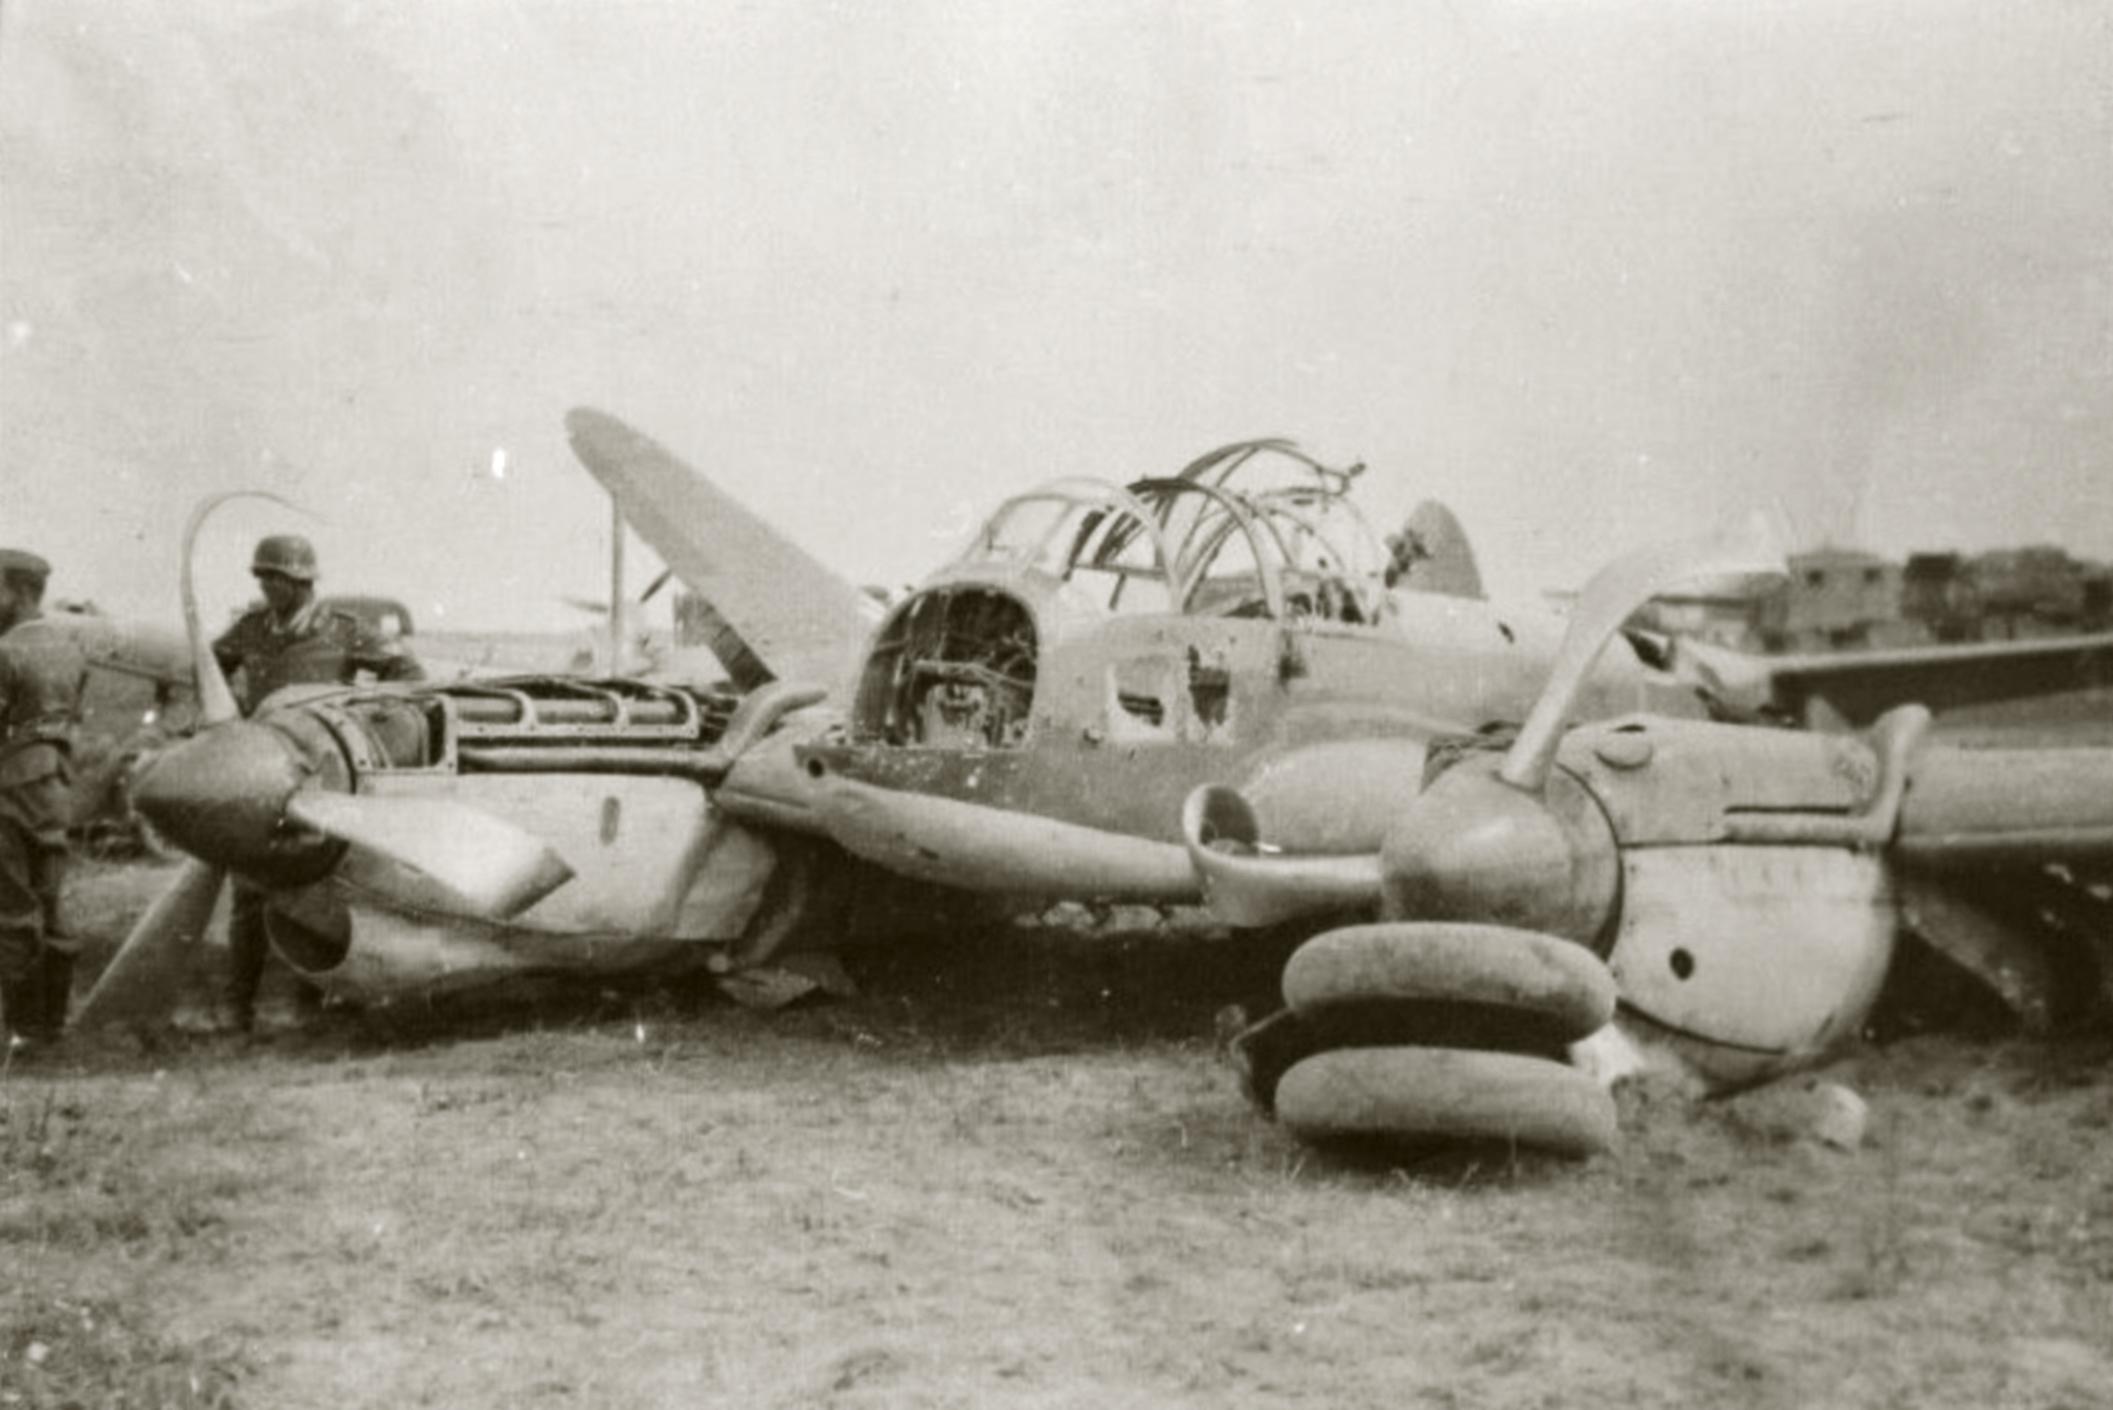 Petlyakov Pe 2 being salvaged by German forces ebay 01